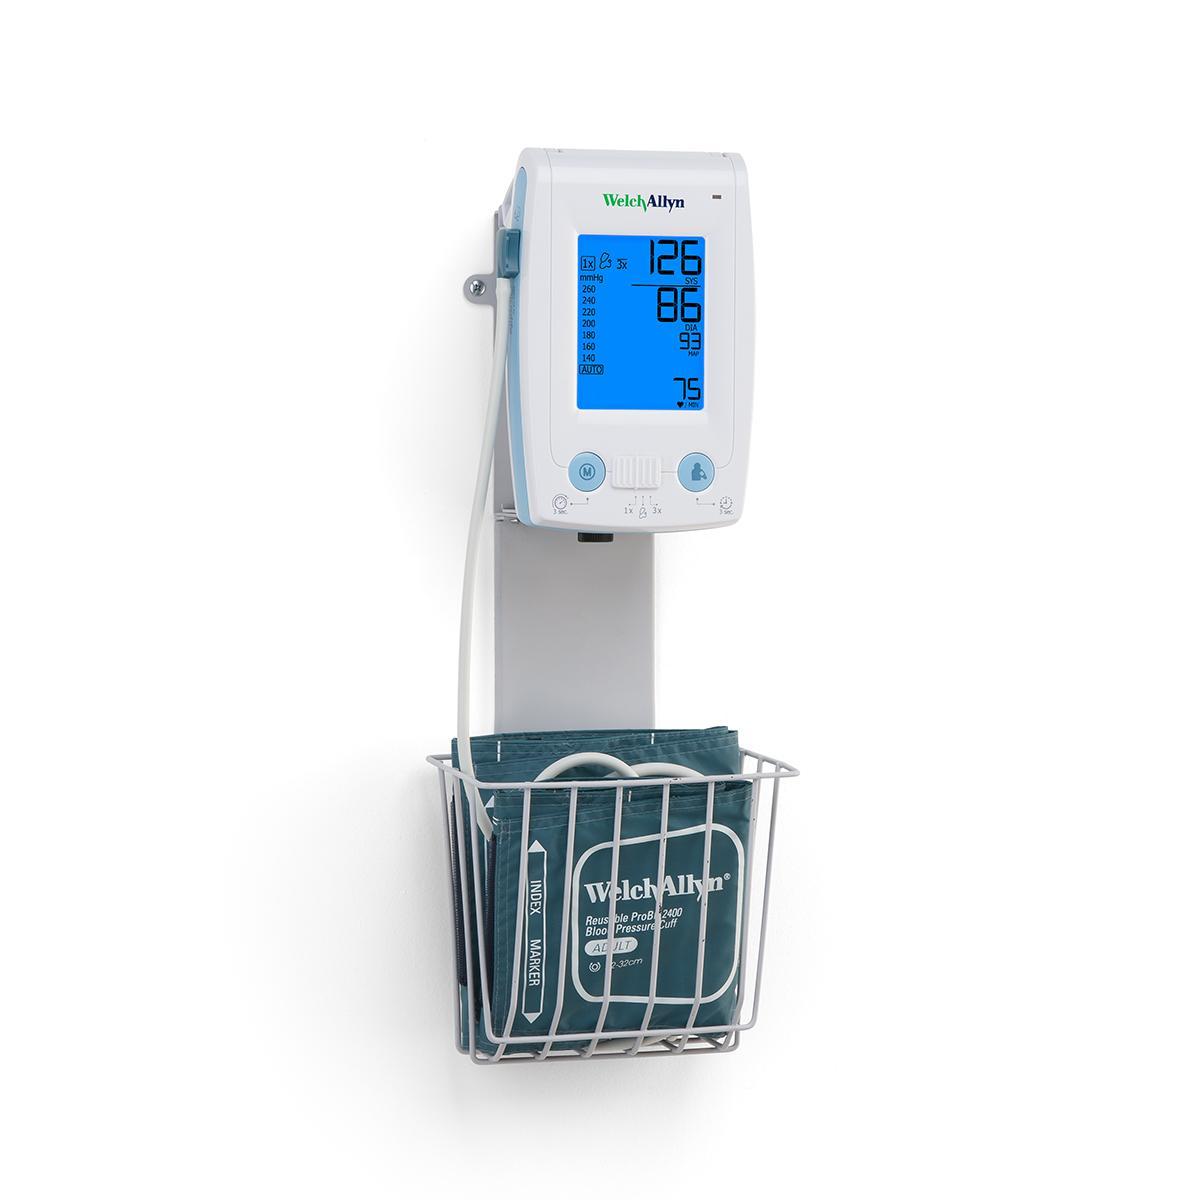 Tensiomètre numérique ProBP2400 fixé au mur avec brassard